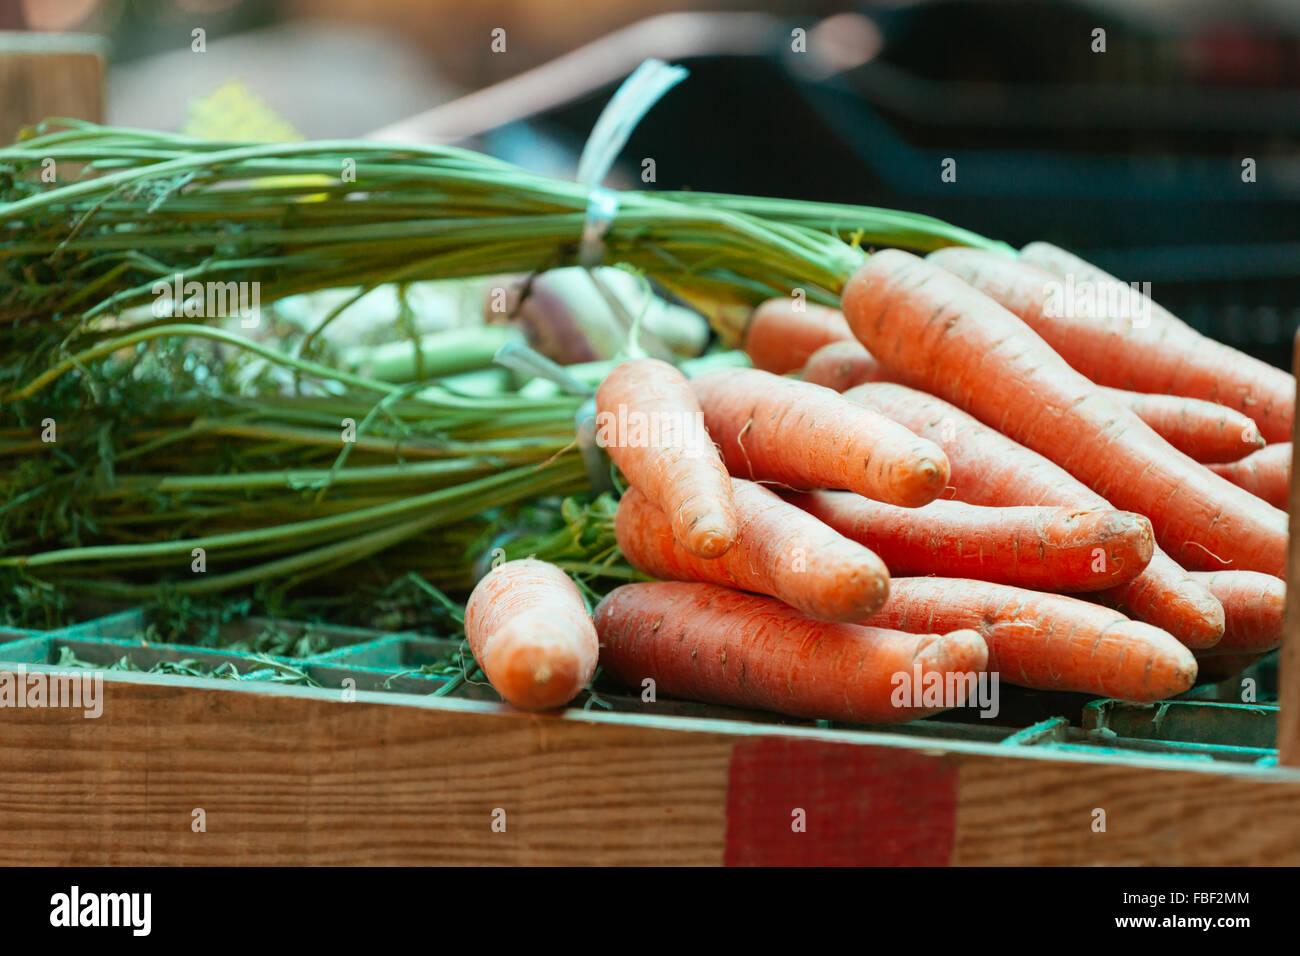 Nahaufnahme von Karotten auf Tisch zu verkaufen Stockbild